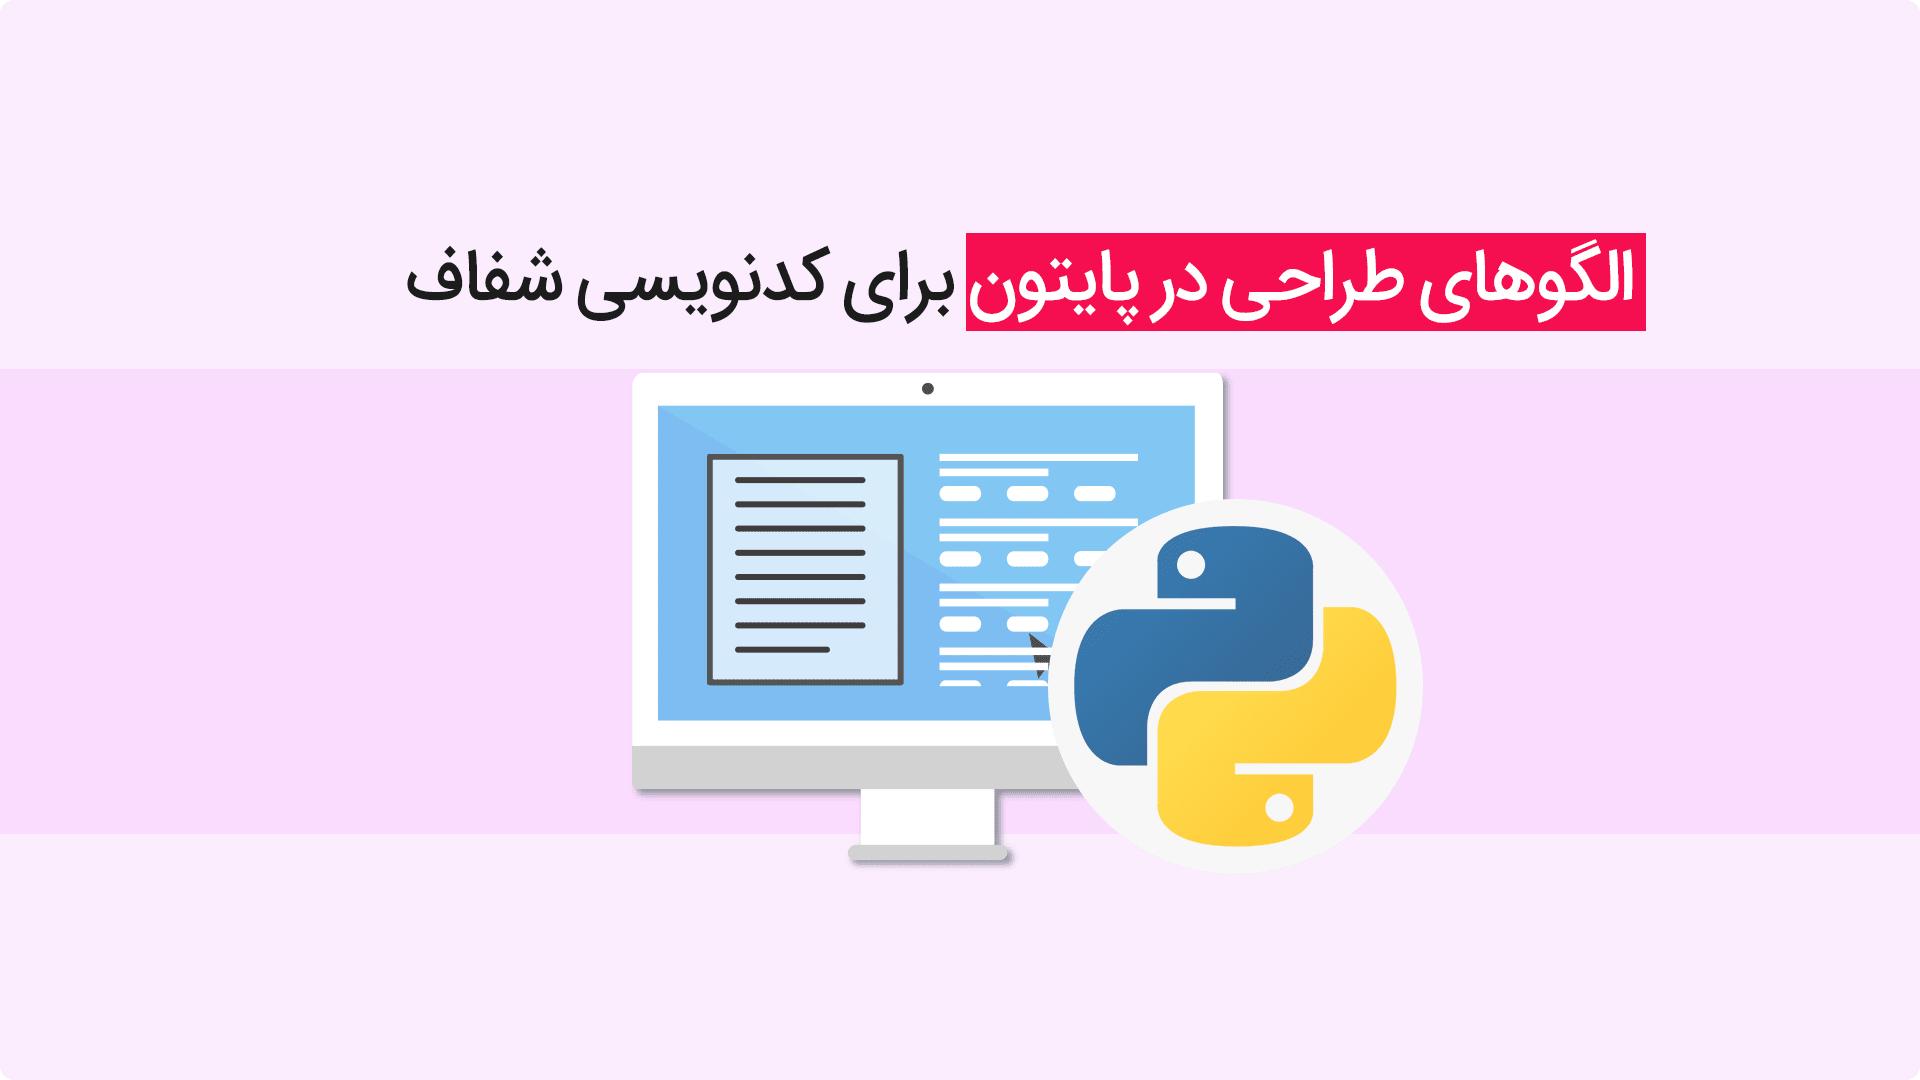 آشنایی با الگوهای طراحی در پایتون – Design Patterns در پایتون (Python)